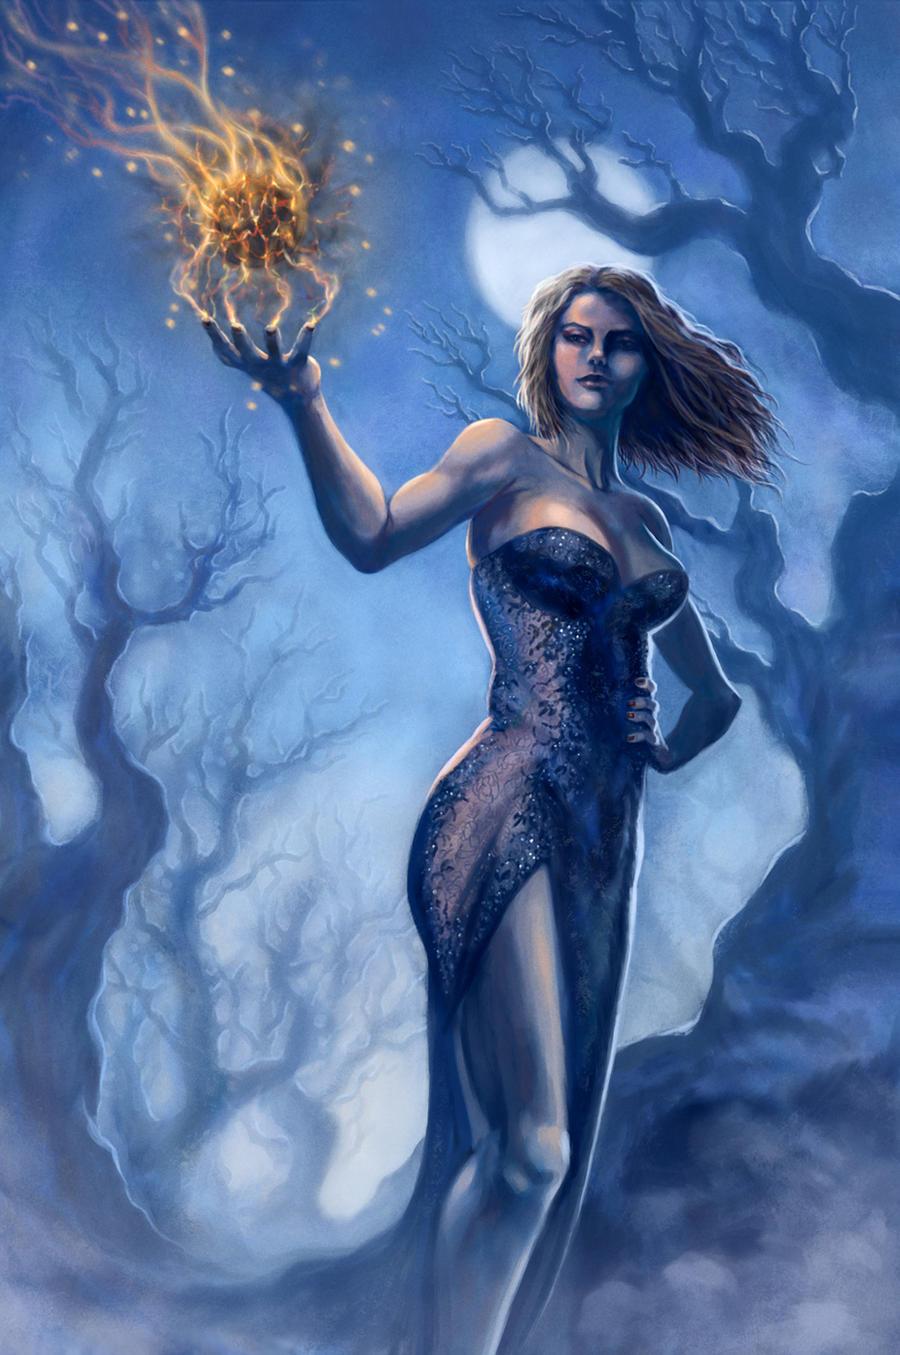 Dark Caster Lena by deanhsieh